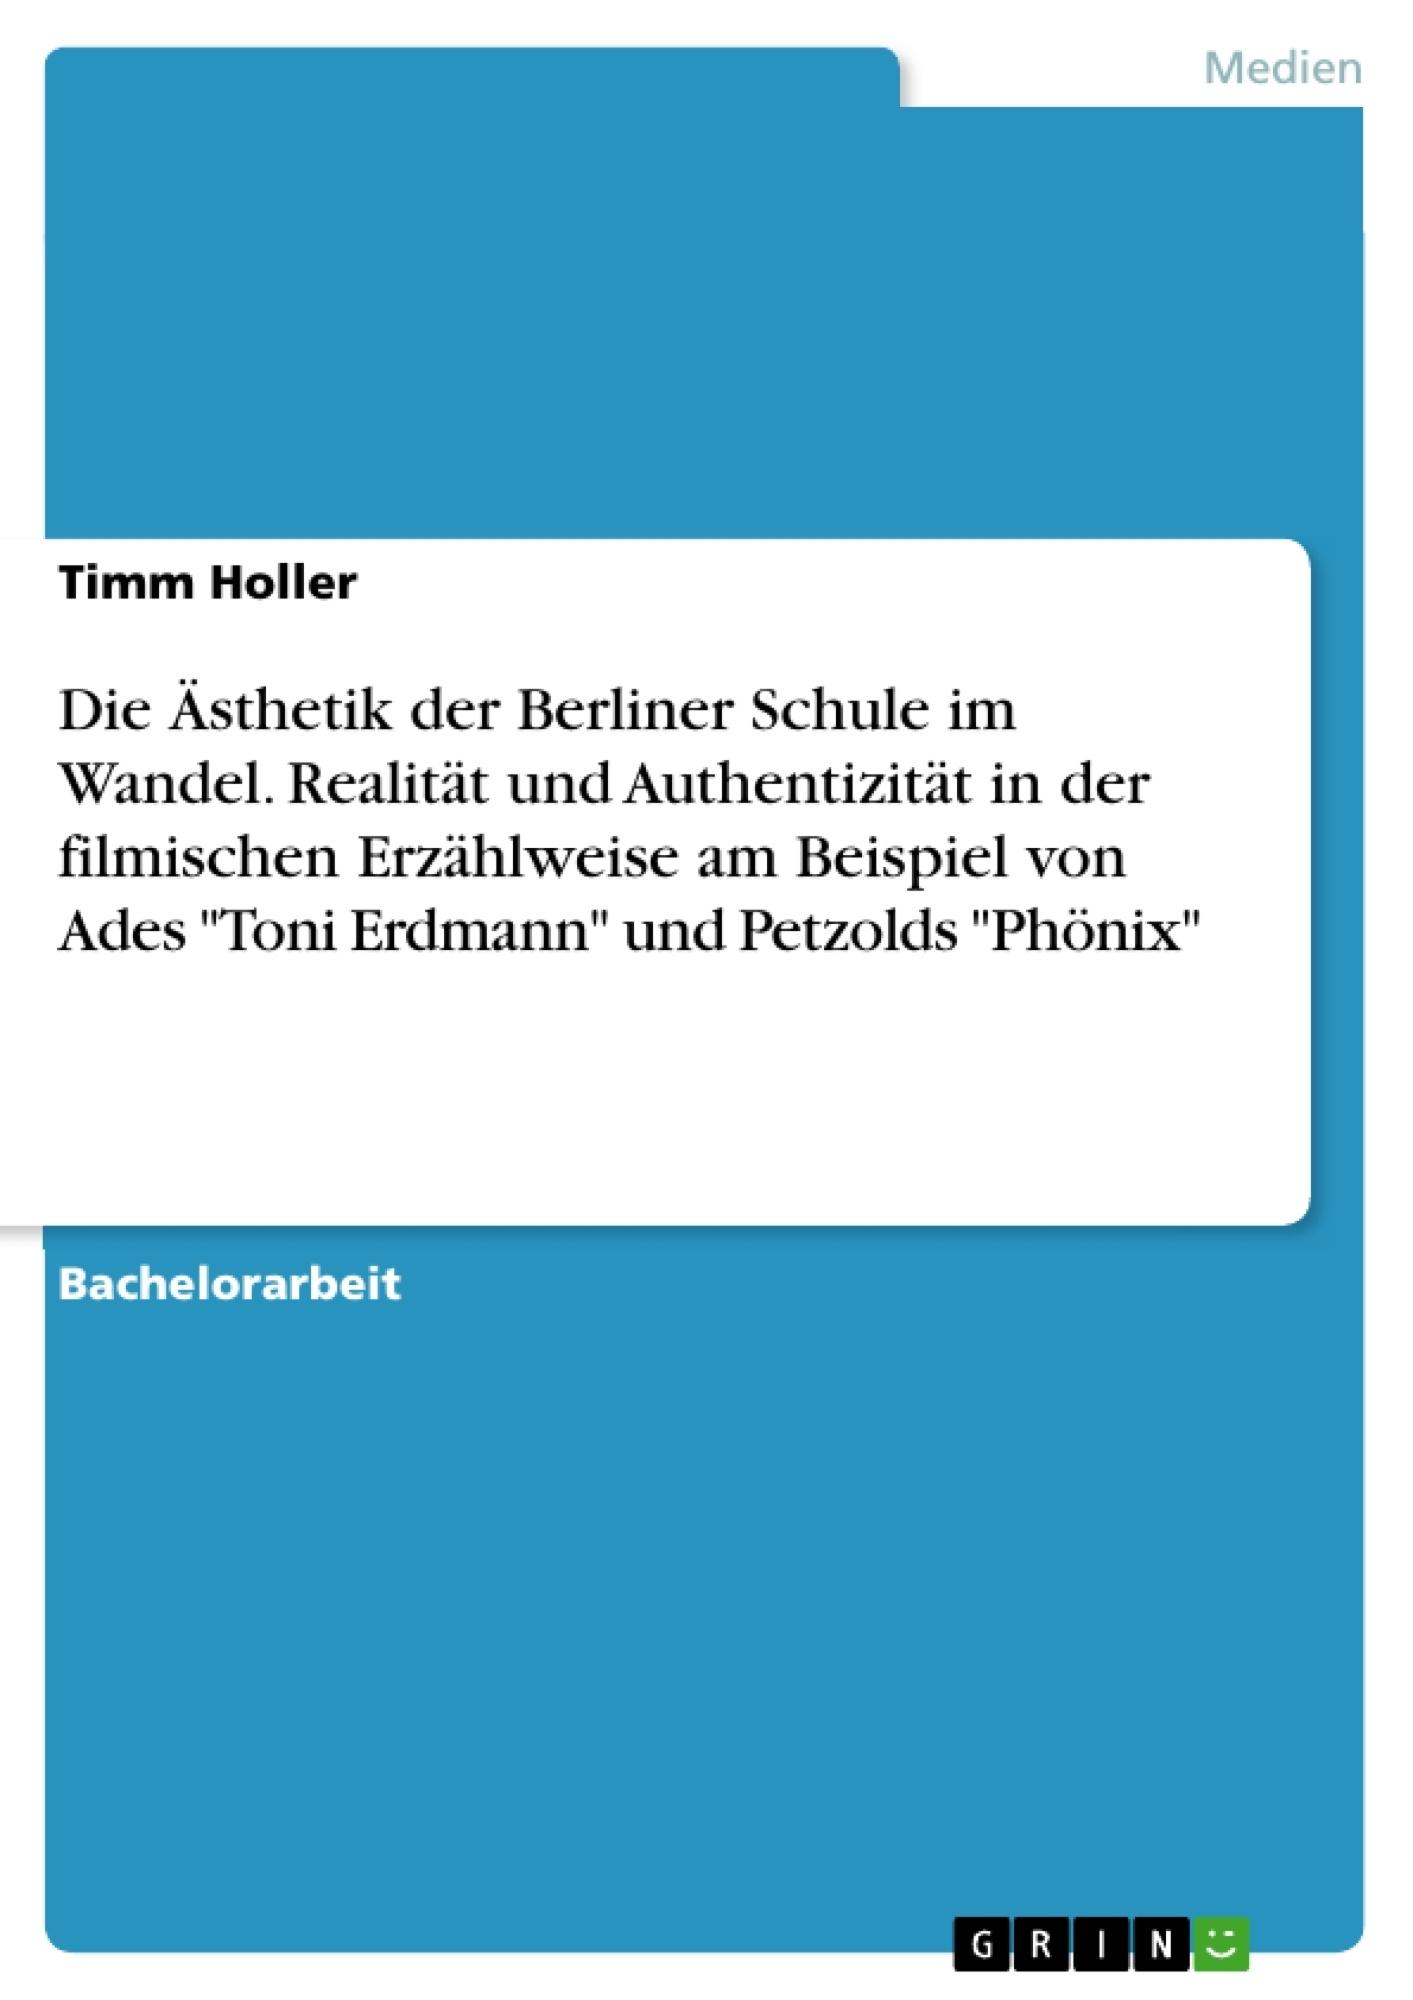 """Titel: Die Ästhetik der Berliner Schule im Wandel. Realität und Authentizität in der filmischen Erzählweise am Beispiel von Ades """"Toni Erdmann"""" und Petzolds """"Phönix"""""""